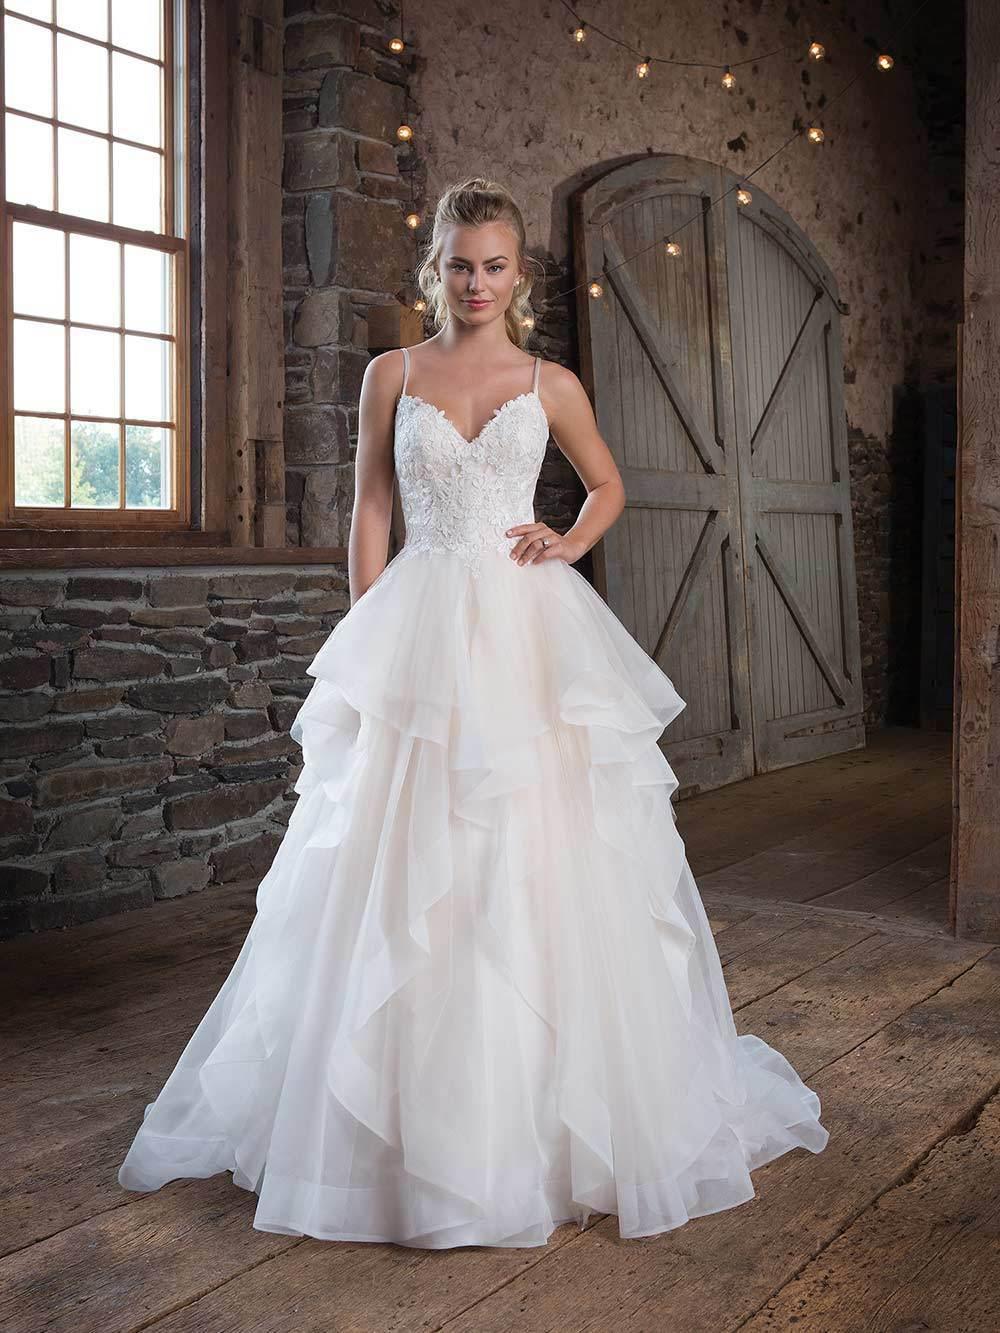 Brautkleid 1123 von Sweetheart auf Ja.de